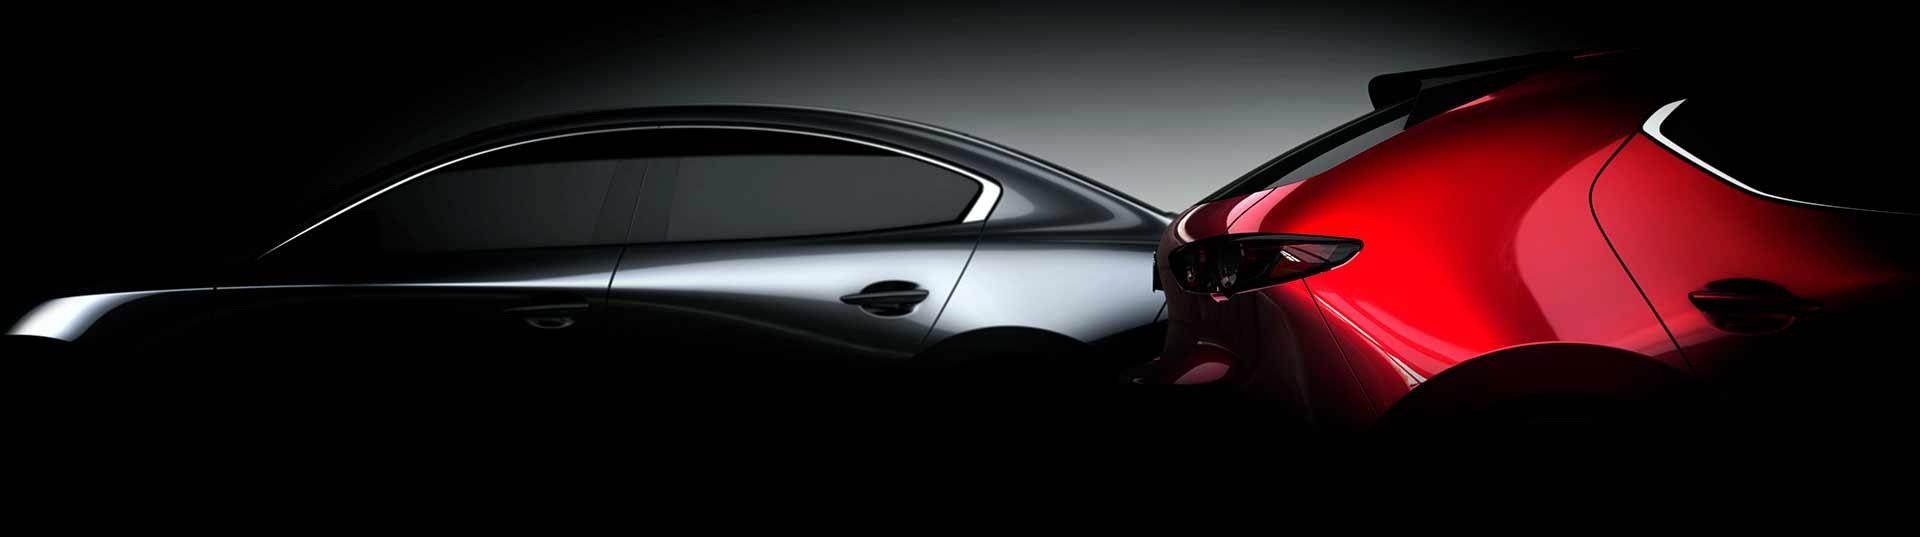 new Mazda3_1920